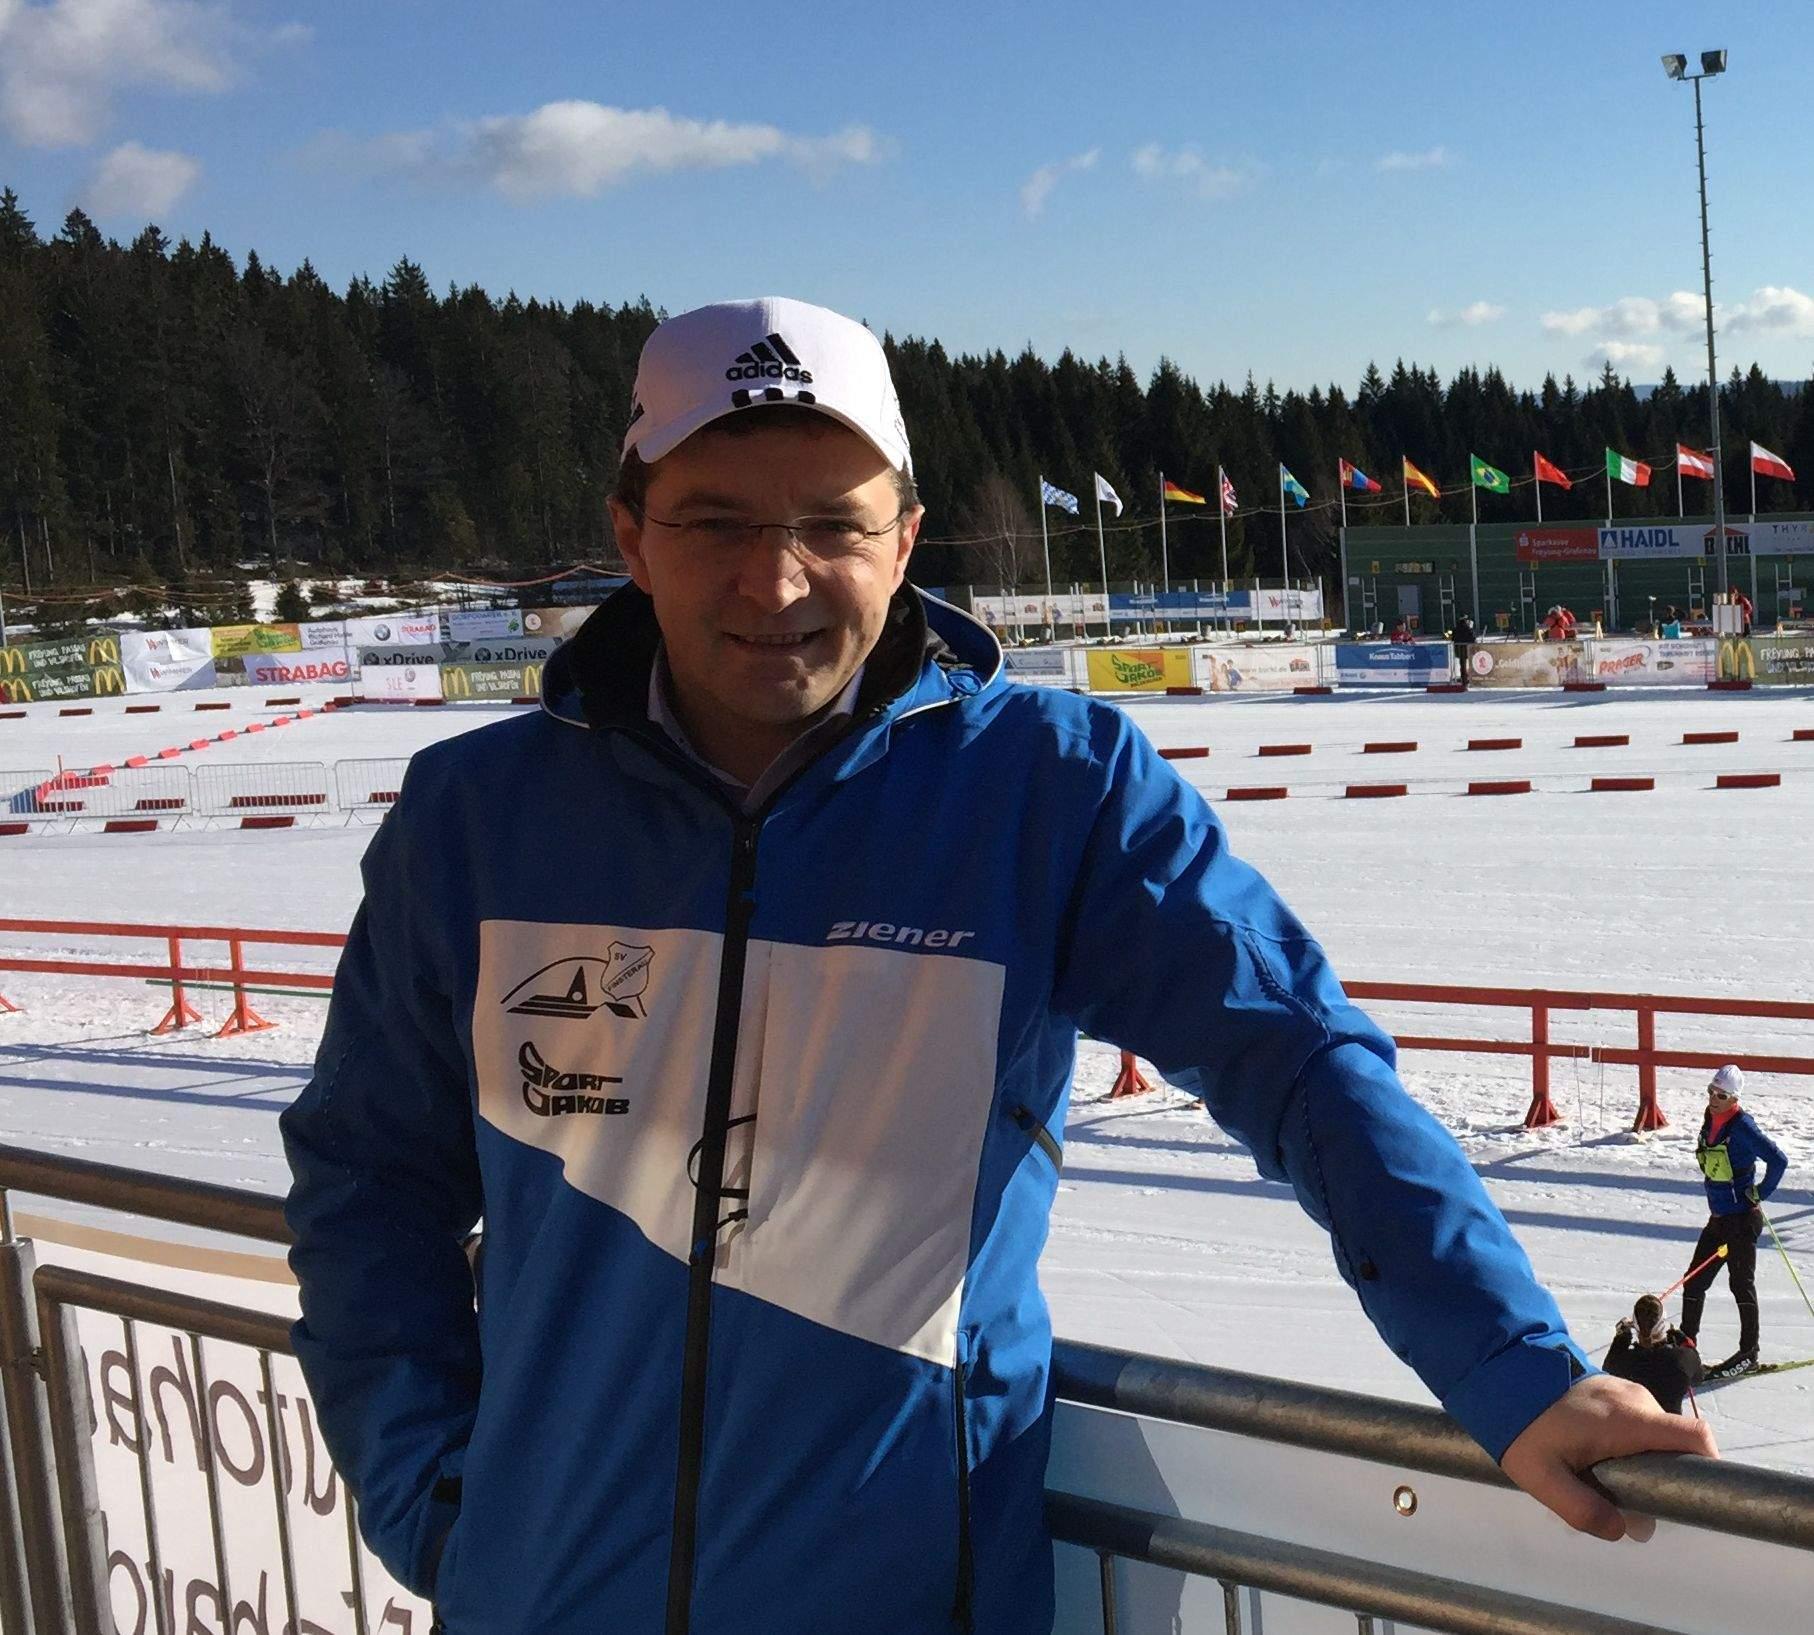 Skiverband Bayerwald setzt sich für verantwortungsbewussten Skibetrieb ein